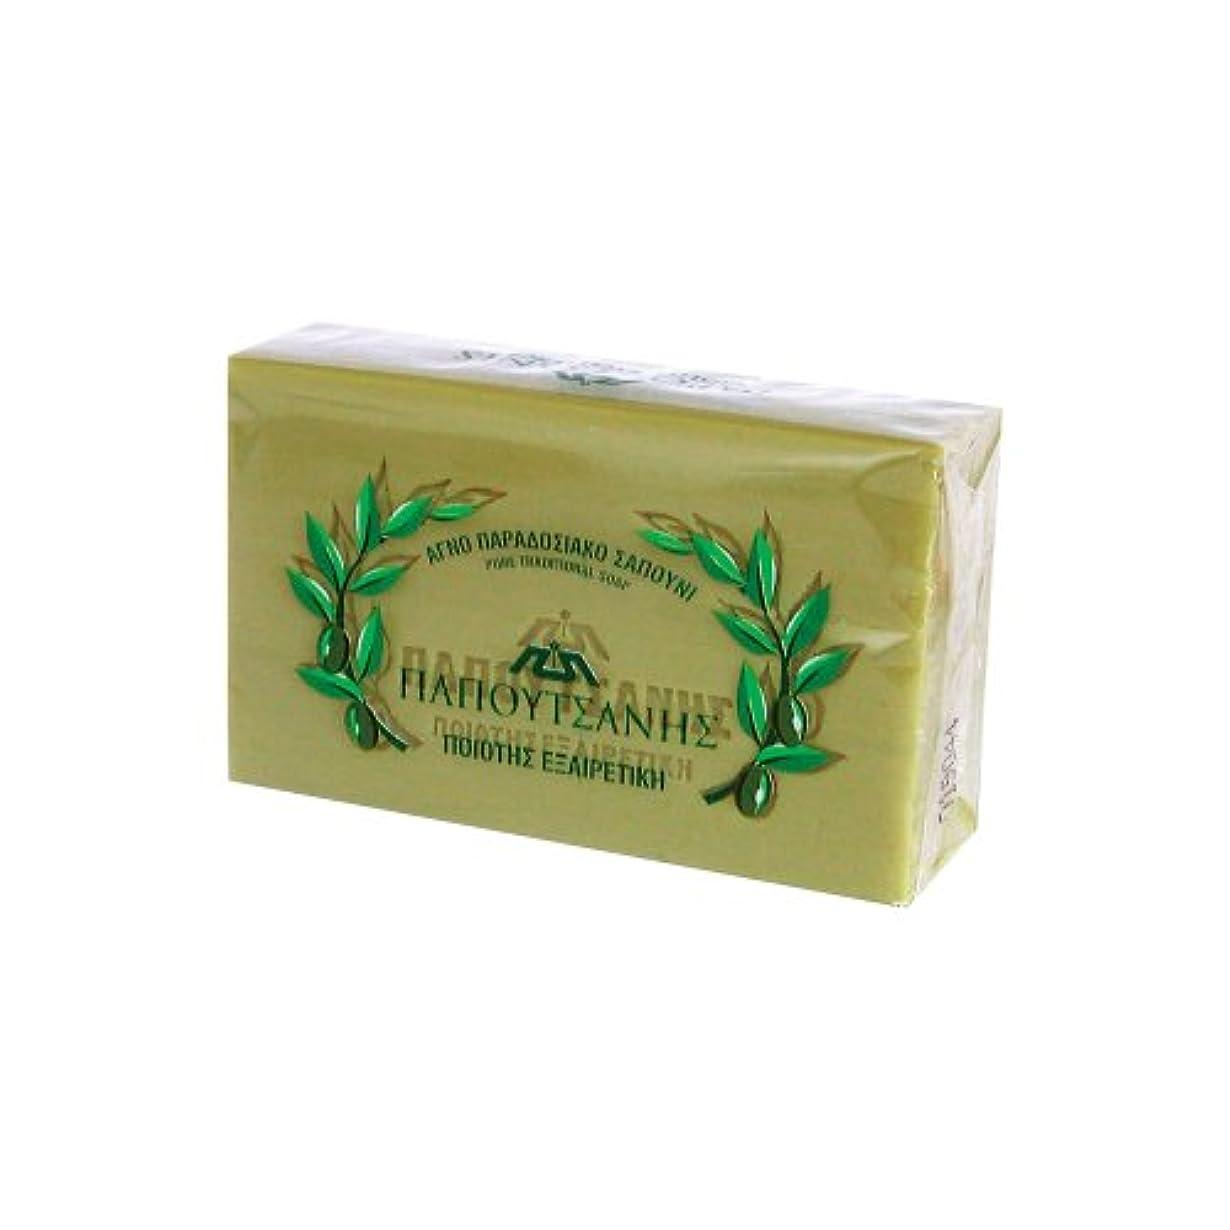 補体レッドデートマニアックギリシャの石鹸 パポタニス125g